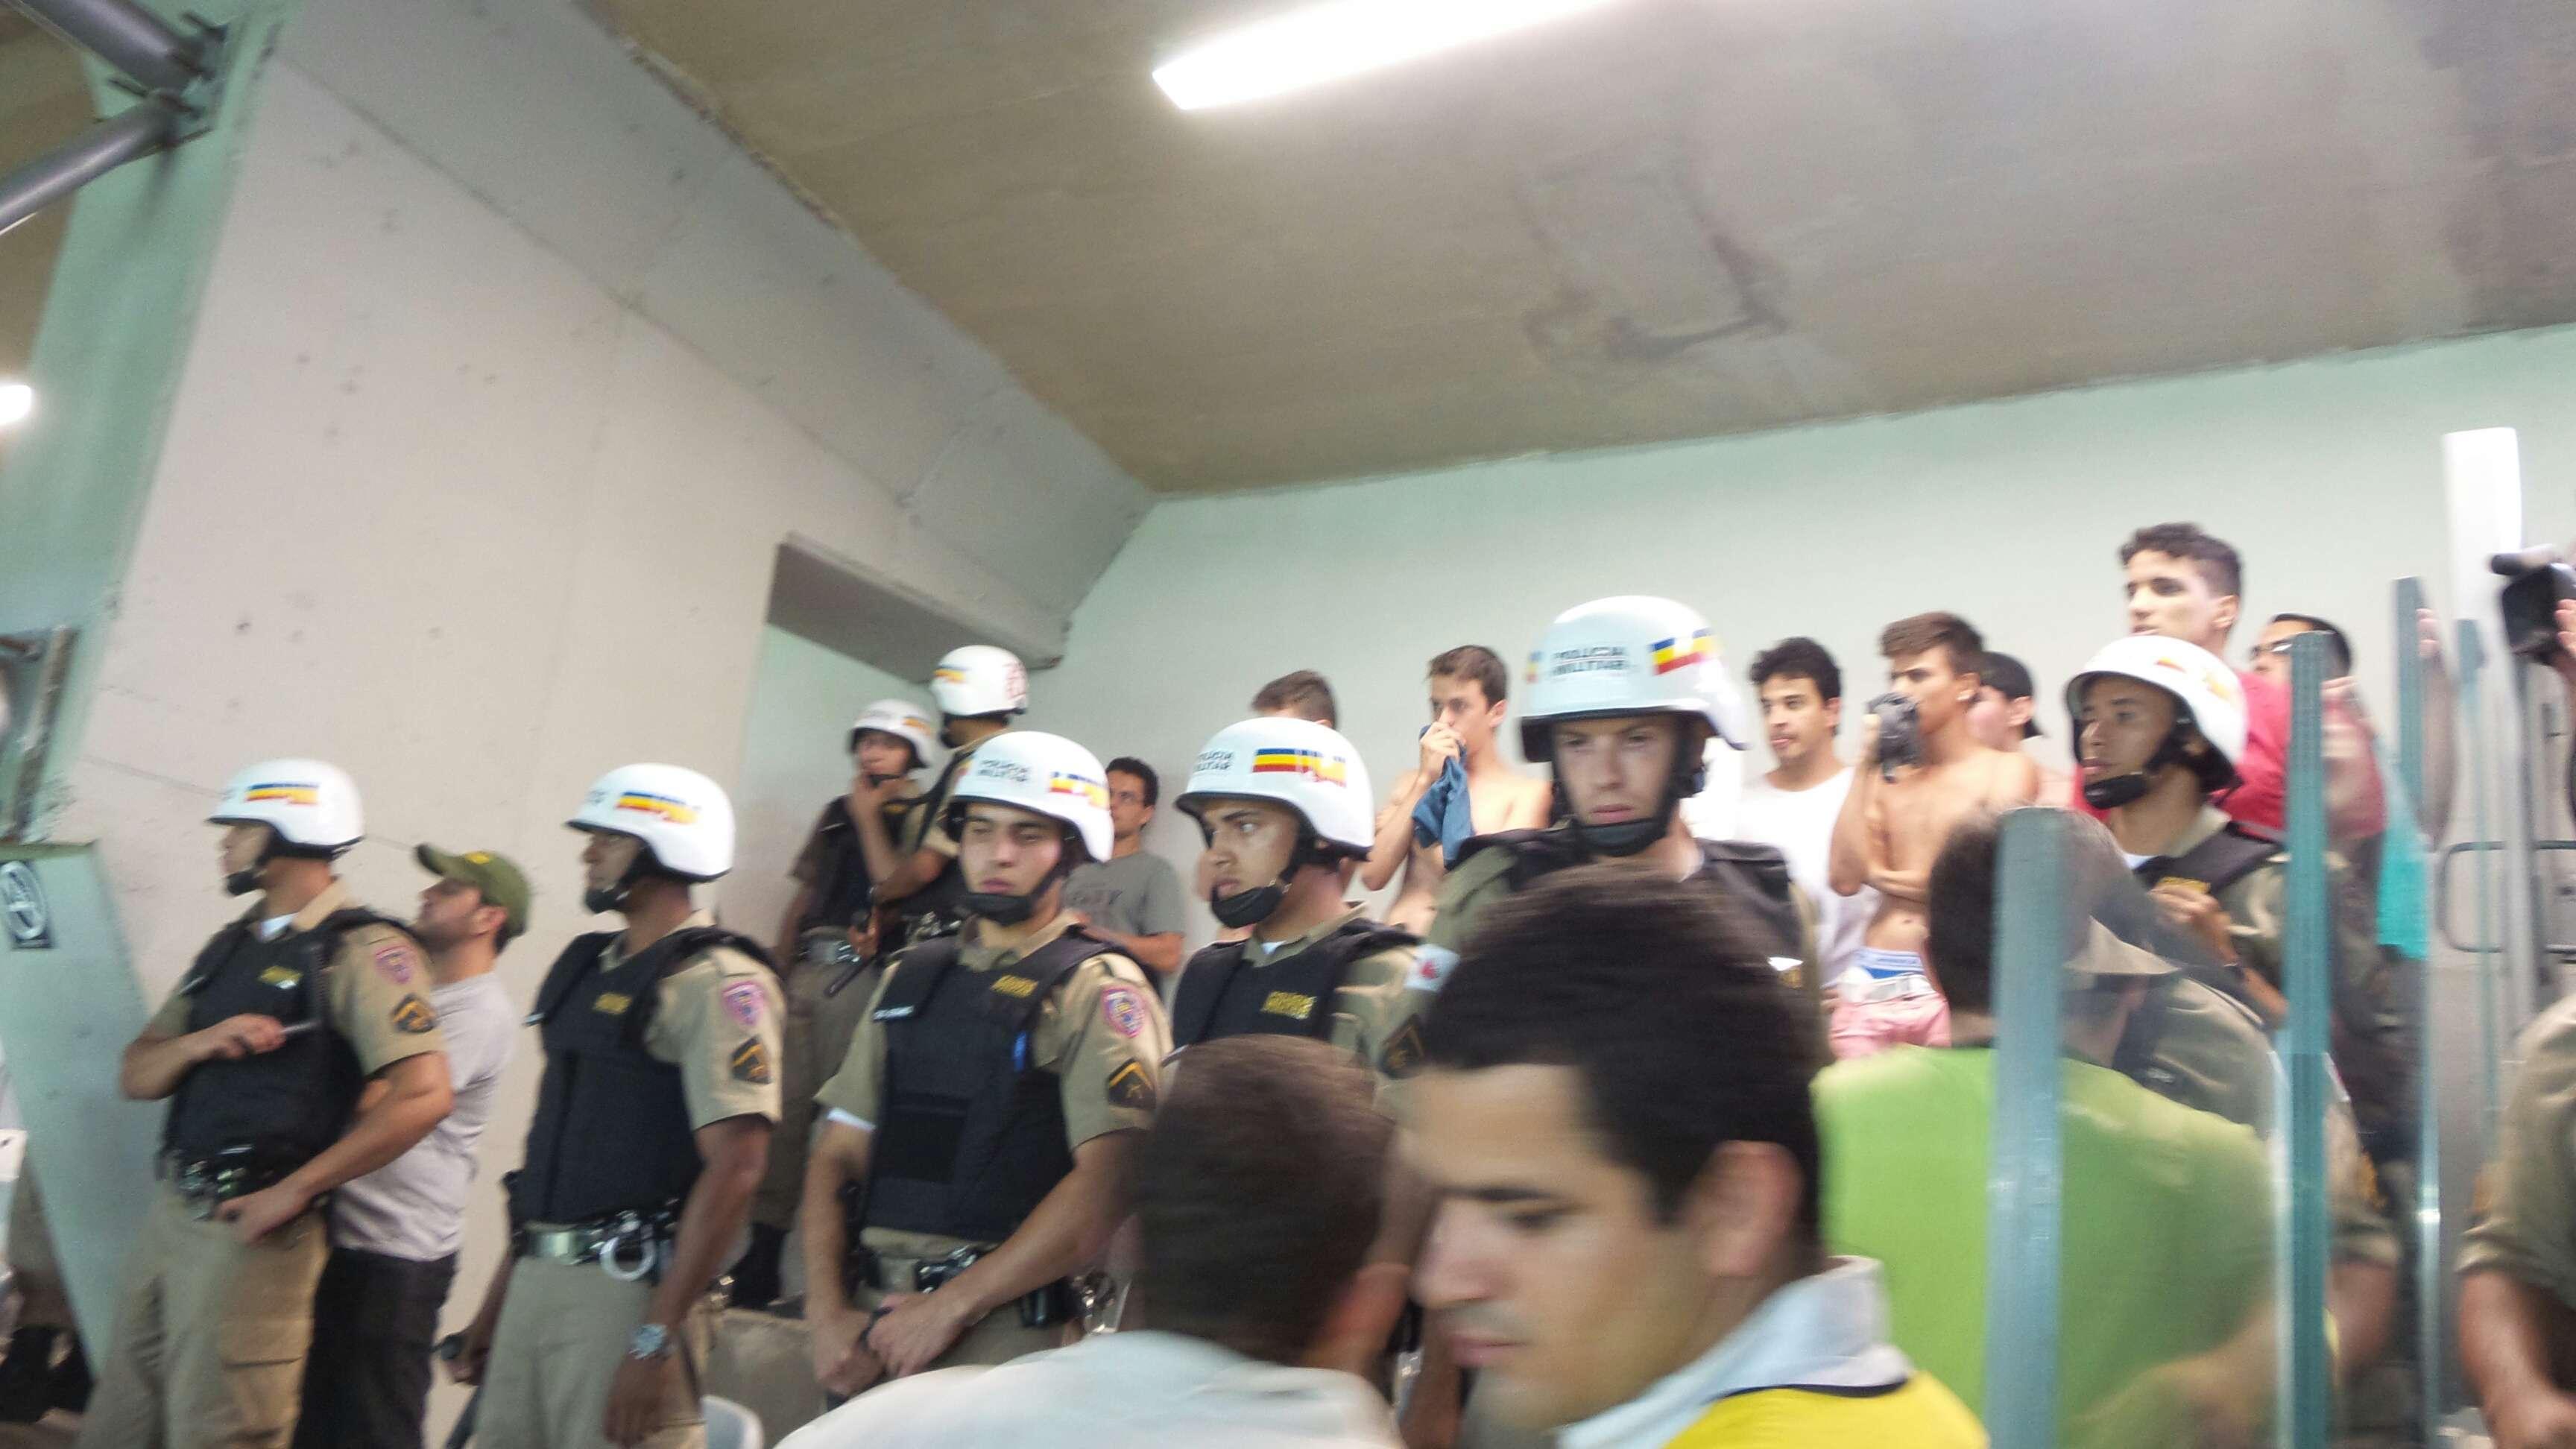 Confusão entre torcedores no Mineirão precisou ser amenizada pelo policiamento Foto: André Reis/Terra